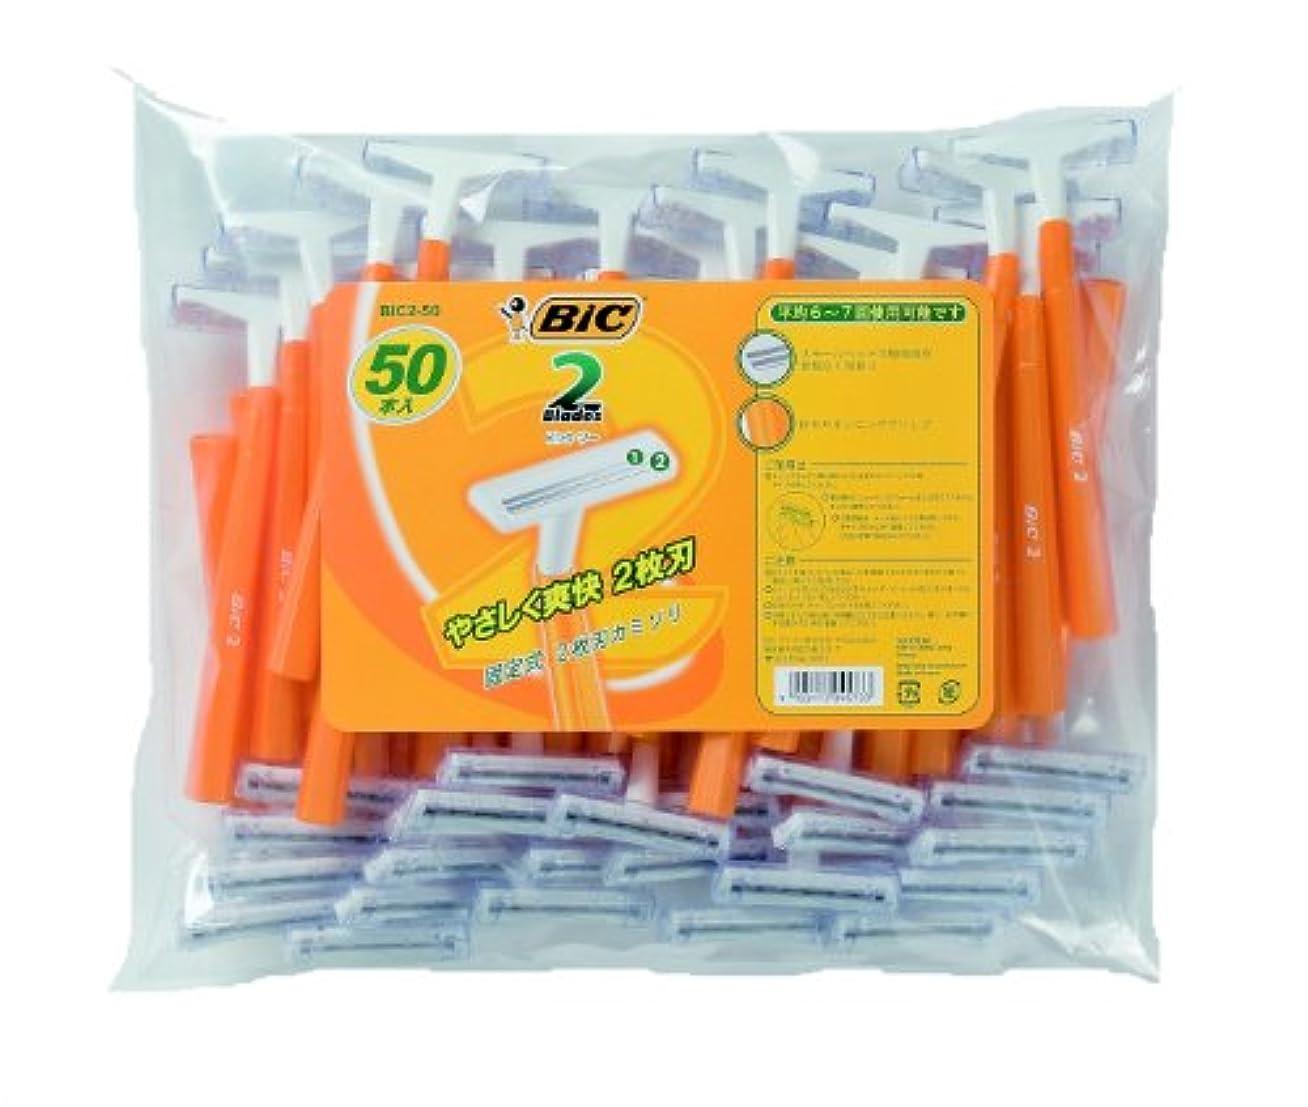 ペニー毎週毛皮ビック BICBIC2 2枚刃 使い捨てカミソリ シェーバー ひげそり ディスポ 50本入